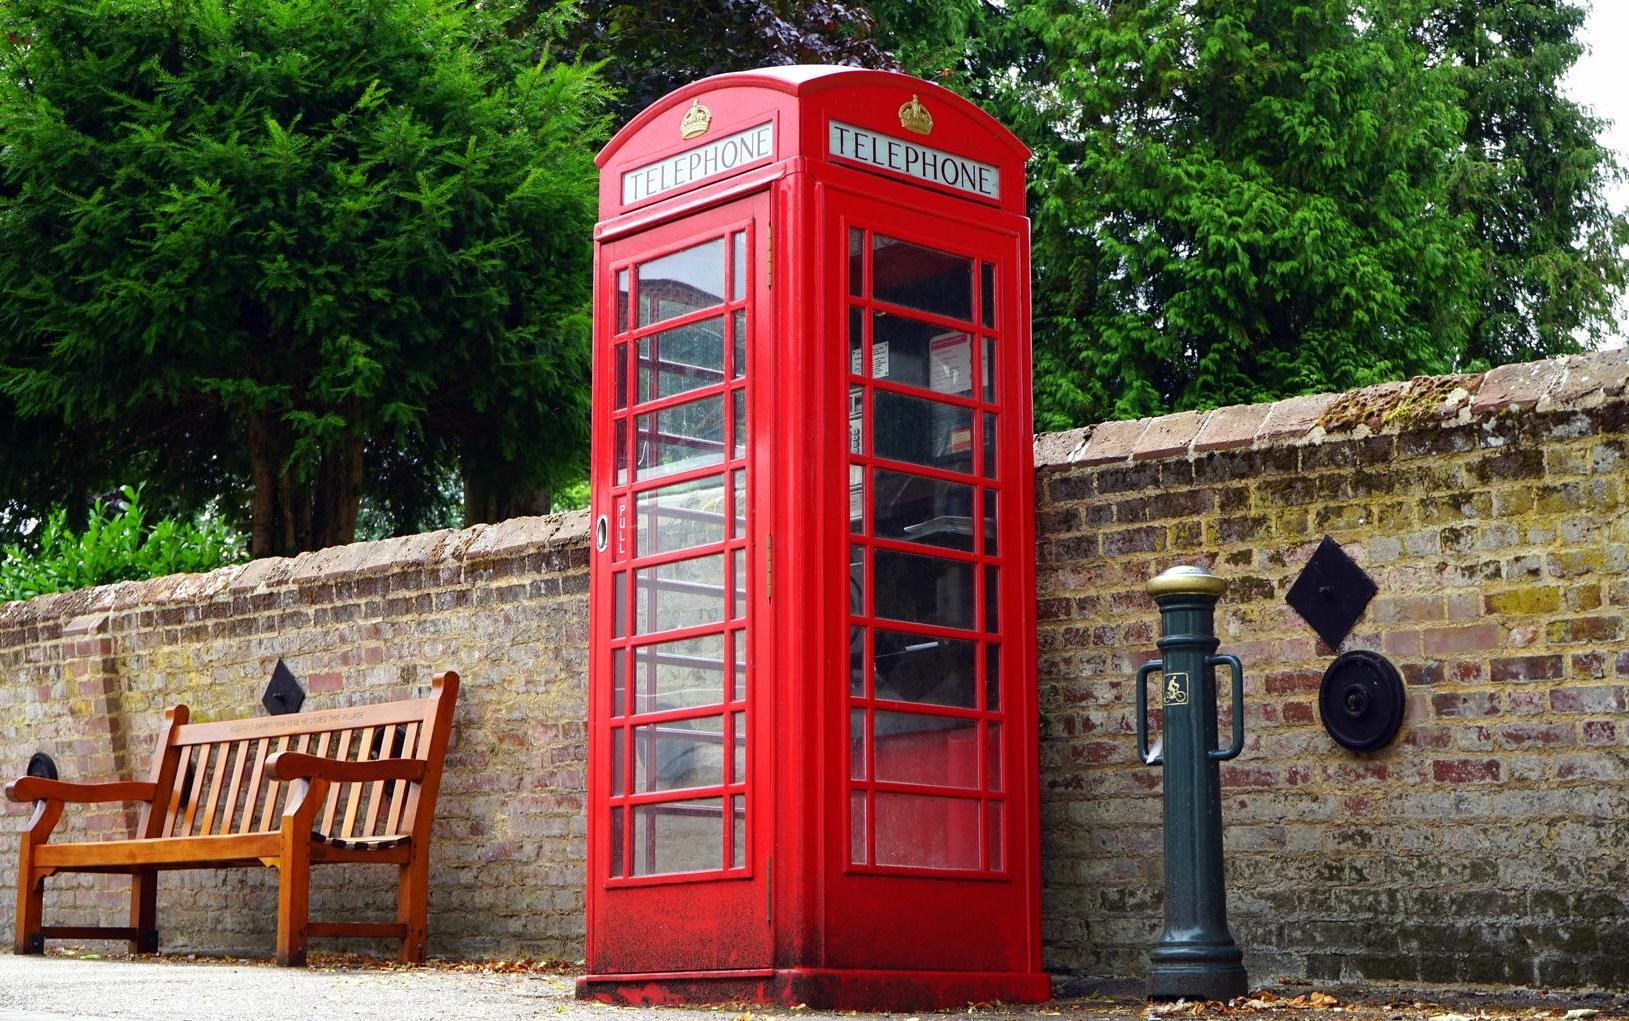 cabine téléphonique Londres rouge